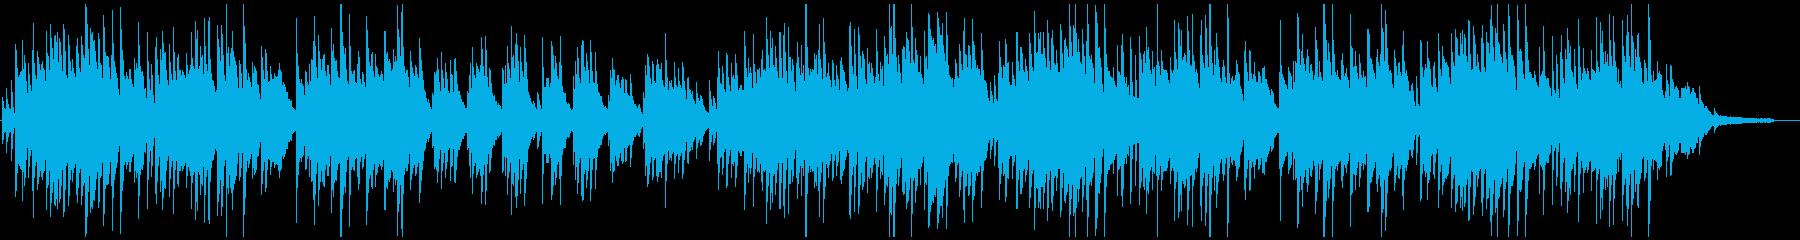 ピアノの旋律が優しくて切ないバラードの再生済みの波形